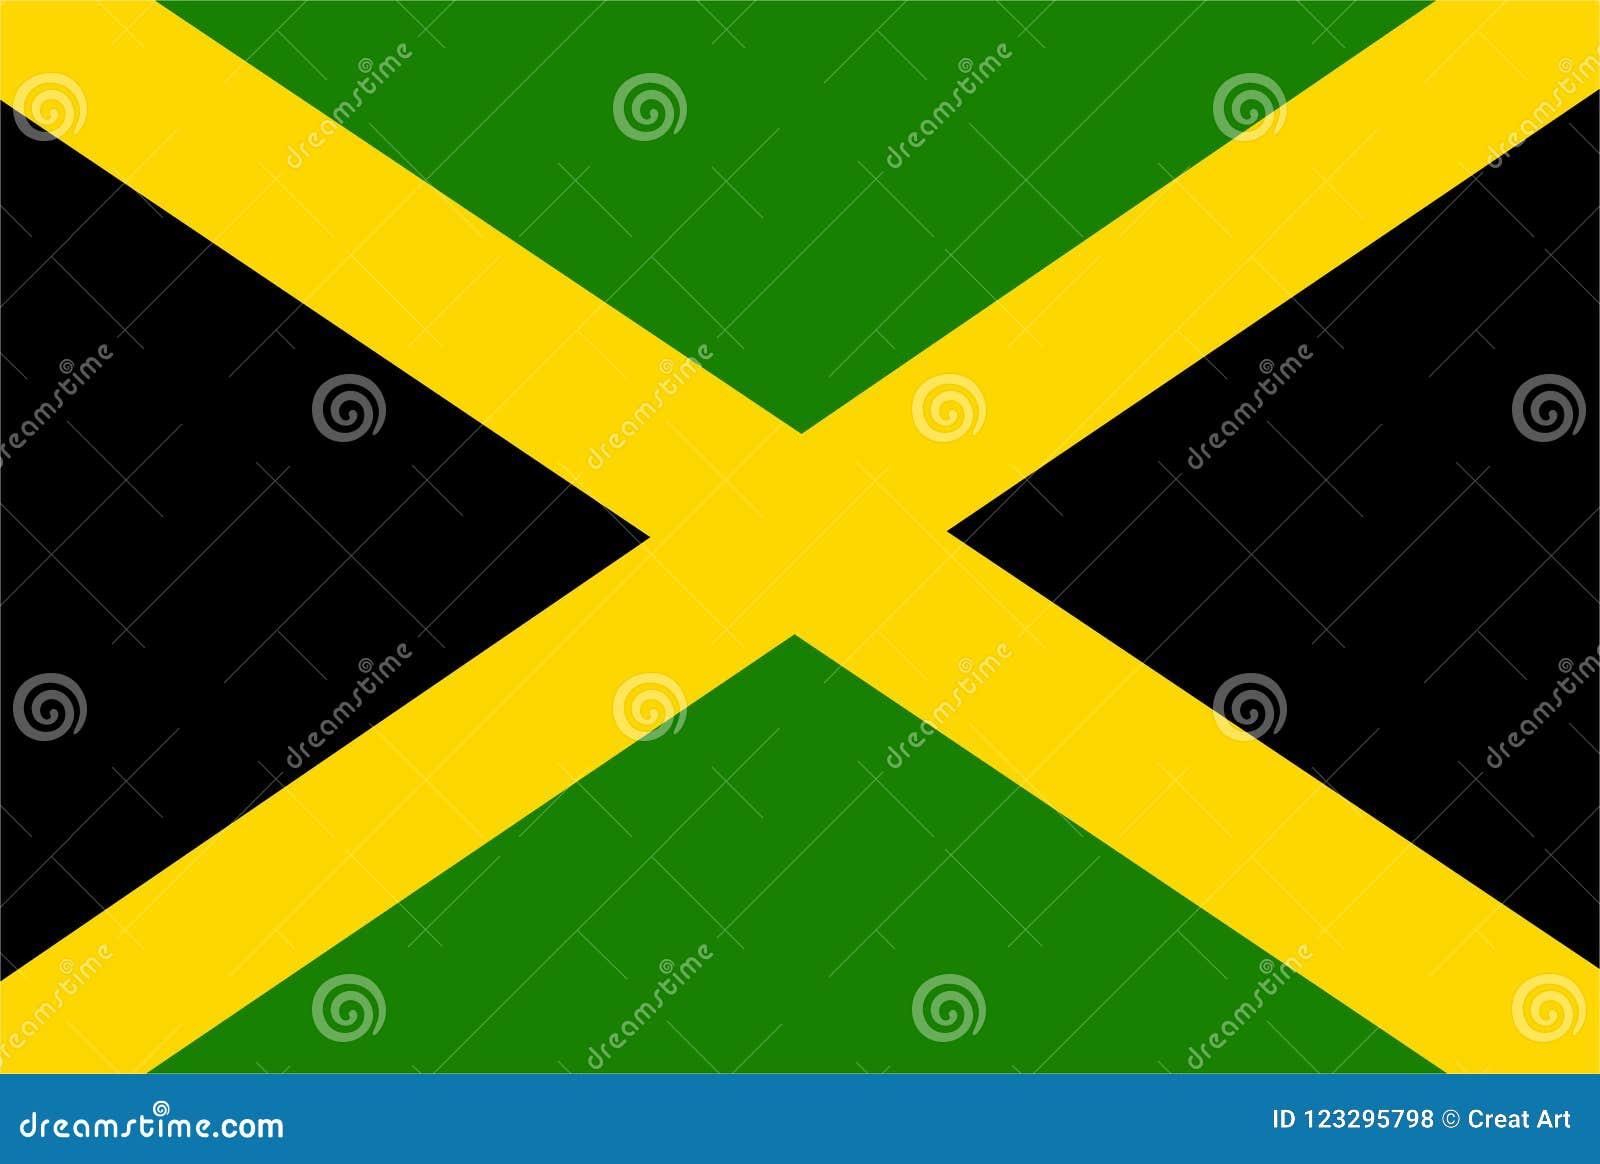 Вектор флага ямайки Иллюстрация флага ямайки